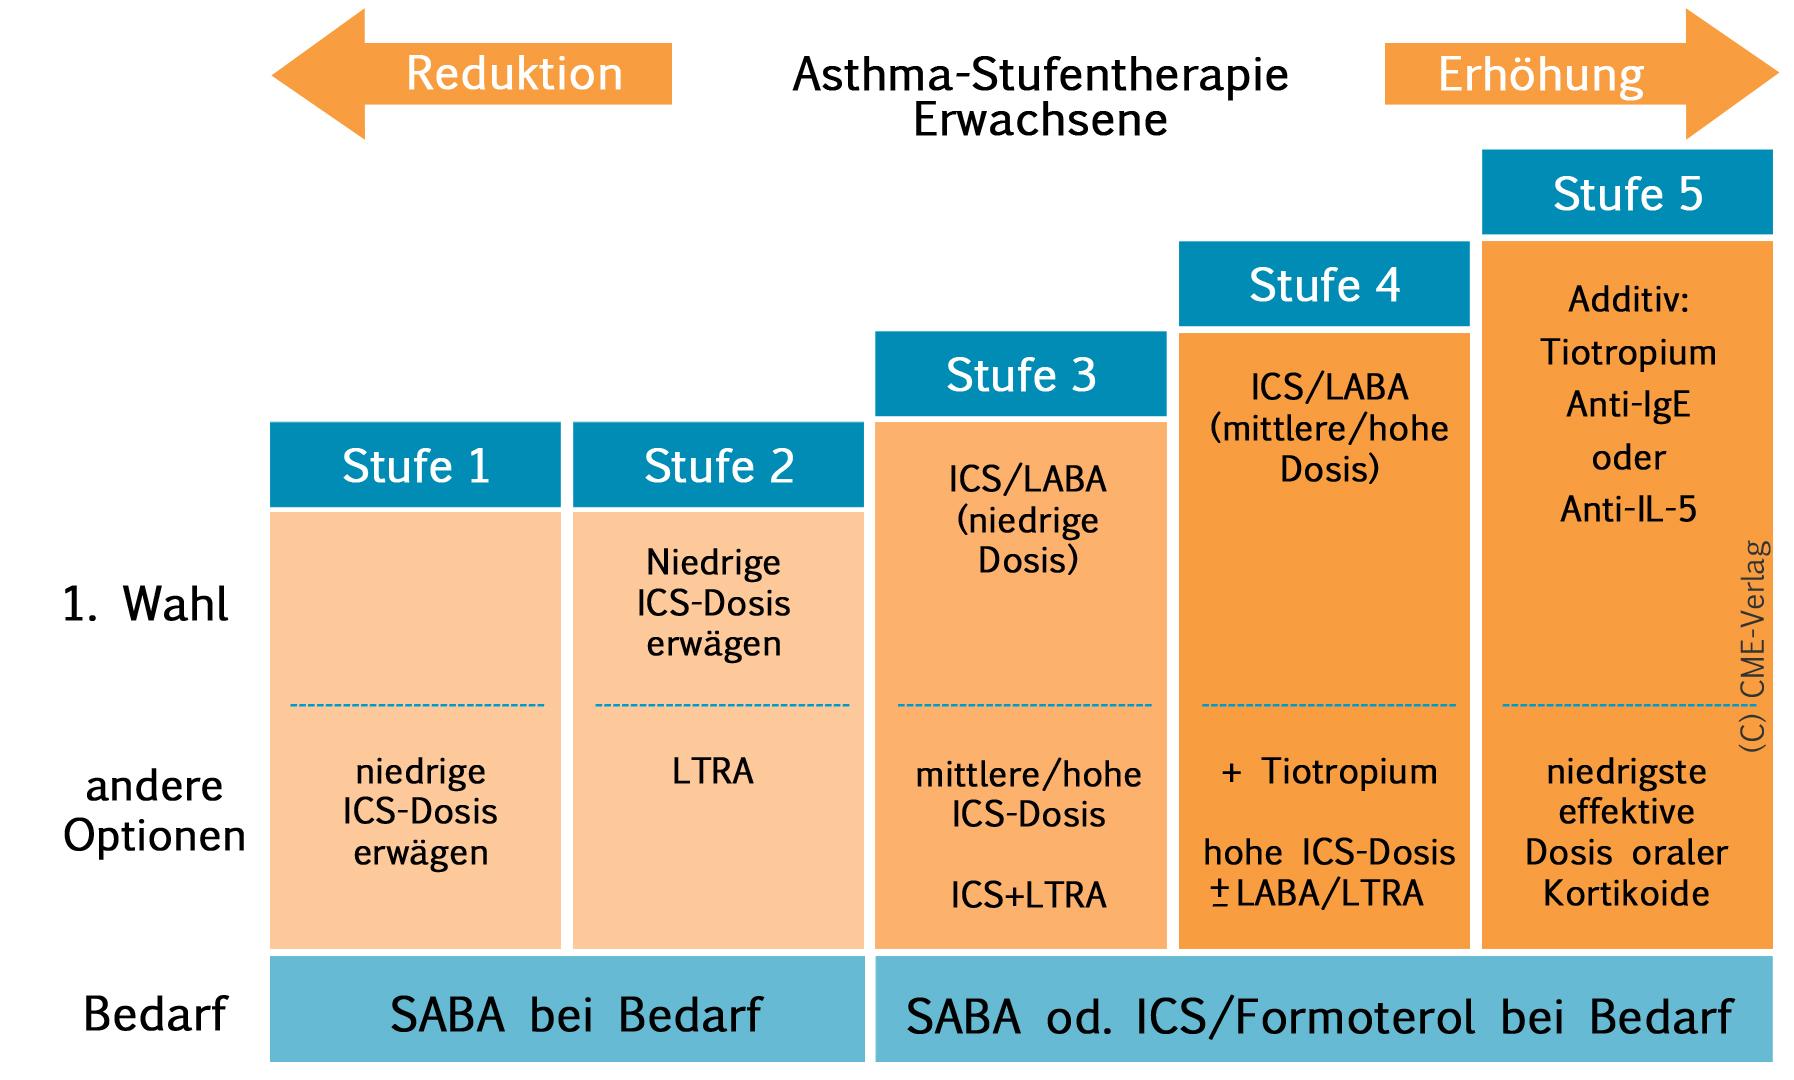 Asthma-Stufenschema